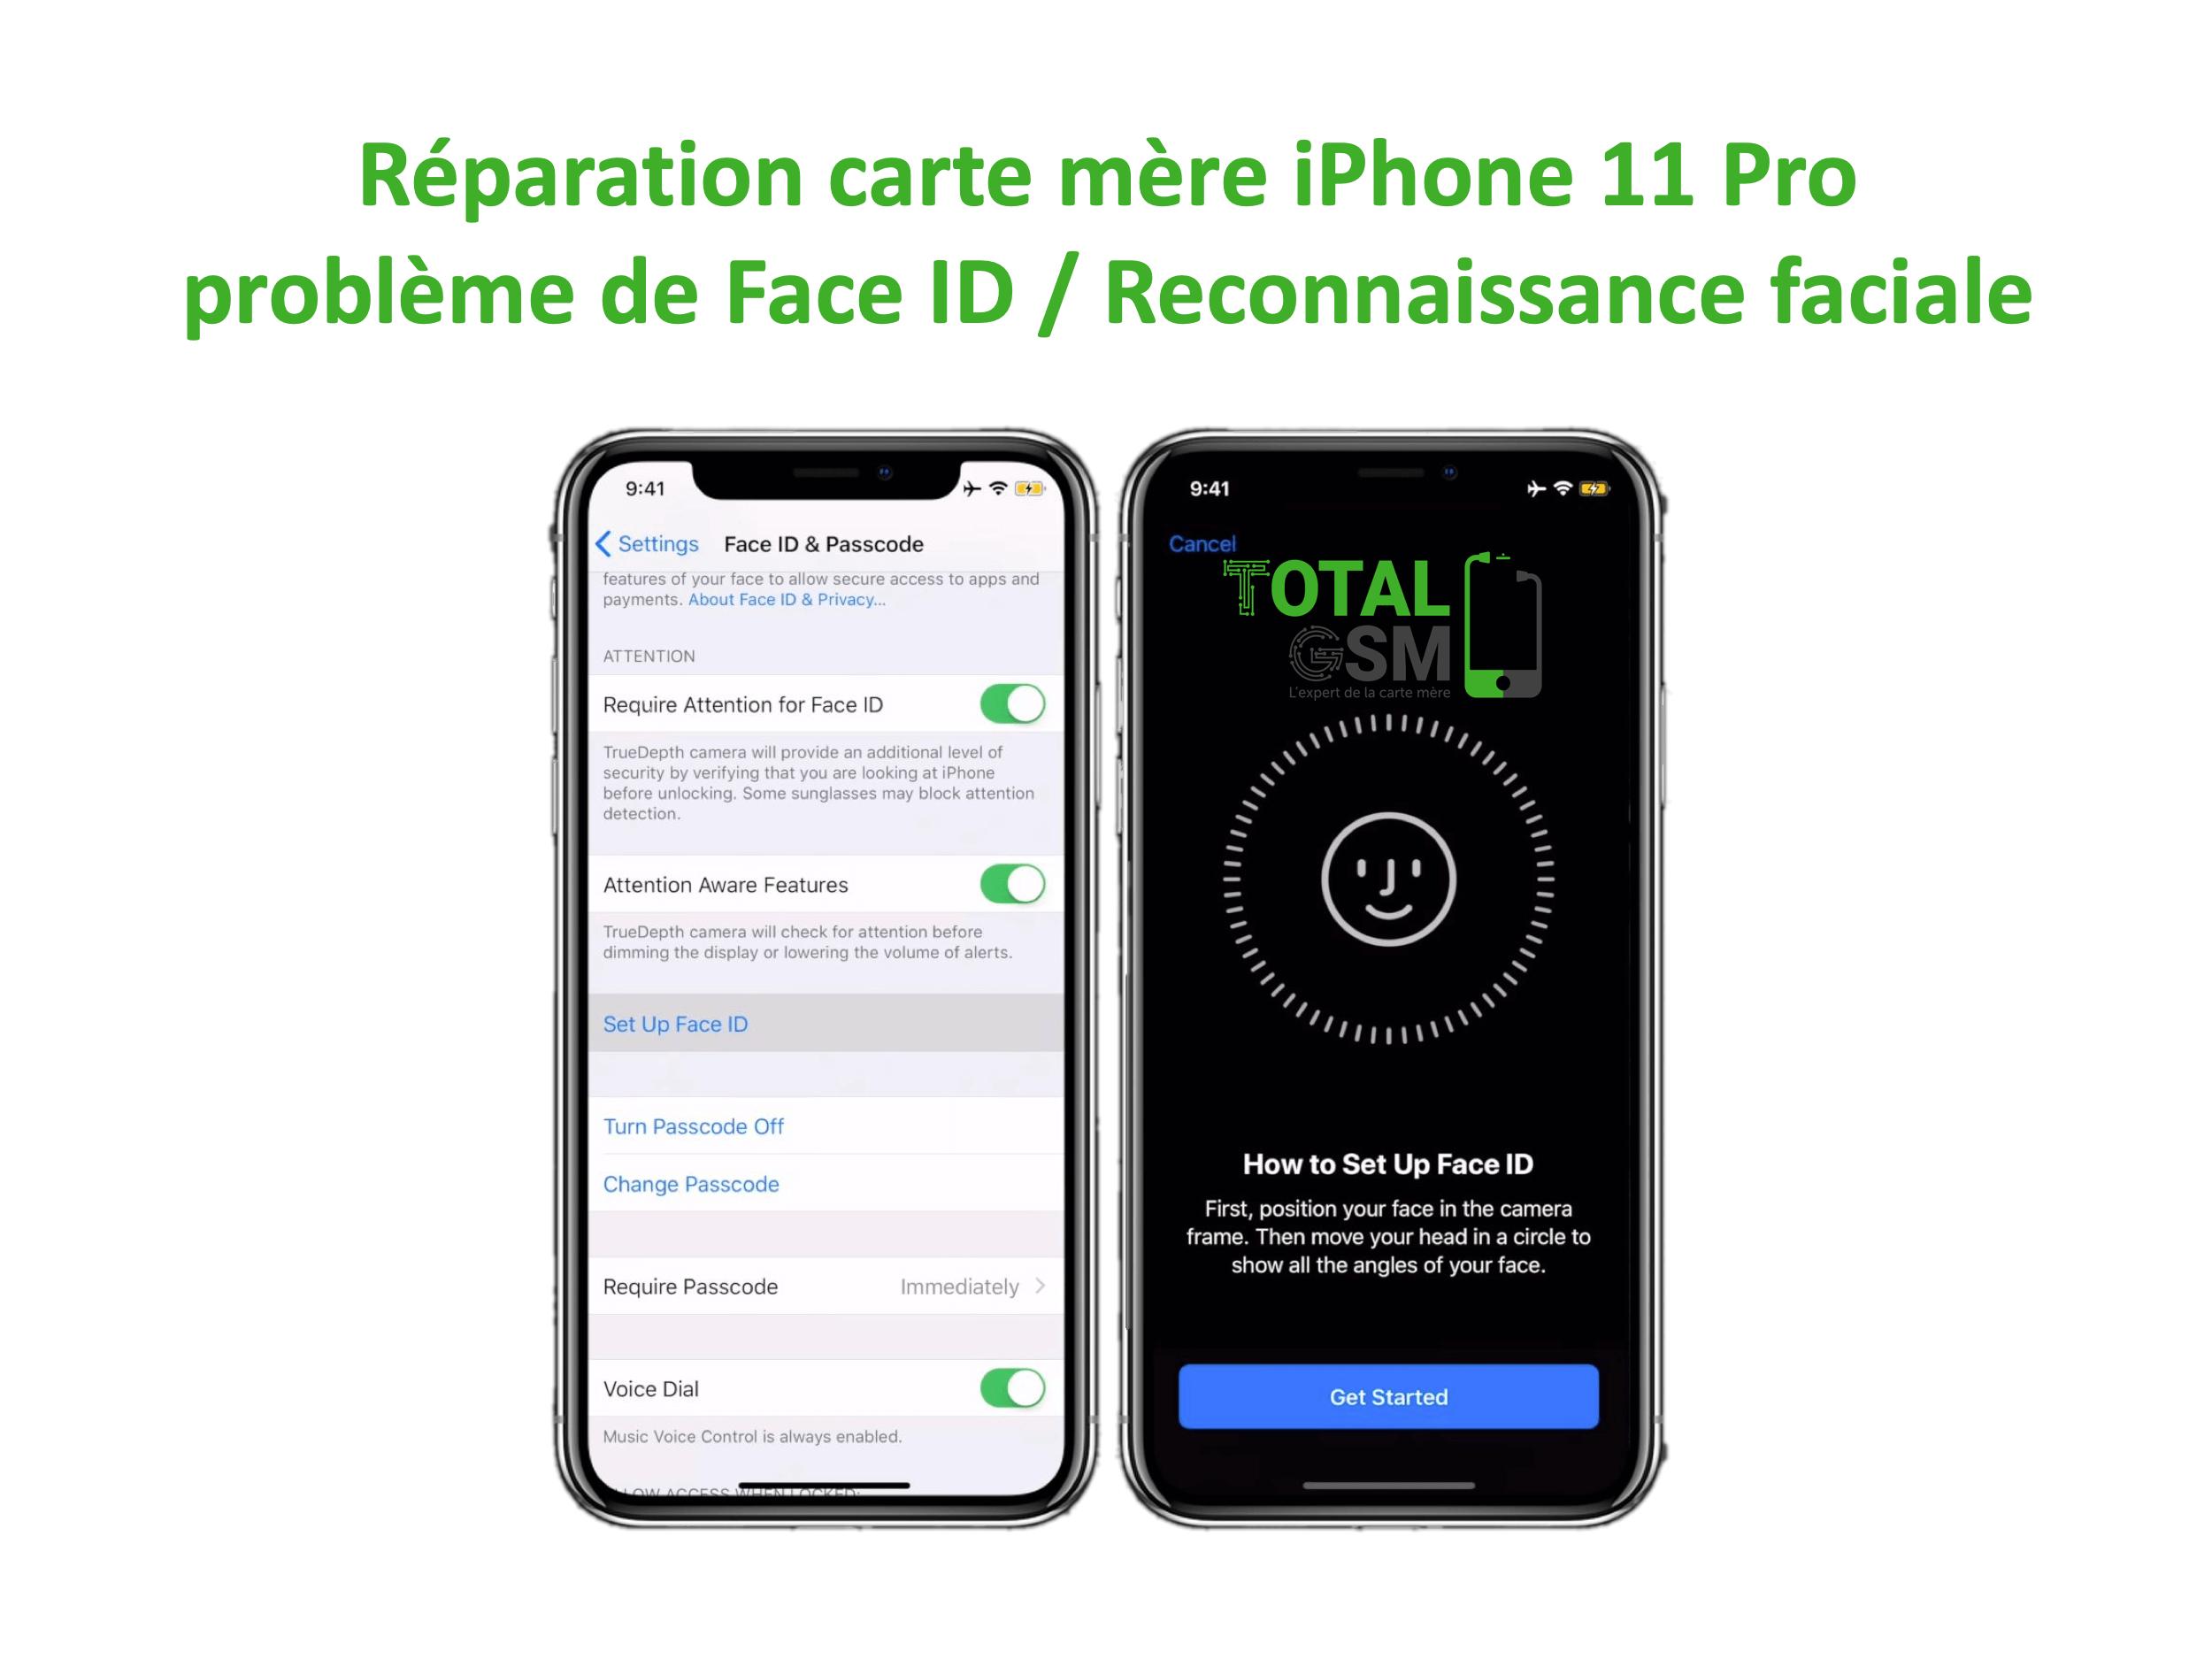 iPhone-11-pro-reparation-probleme-de-senseur-de-face-id-reconnaissance-faciale